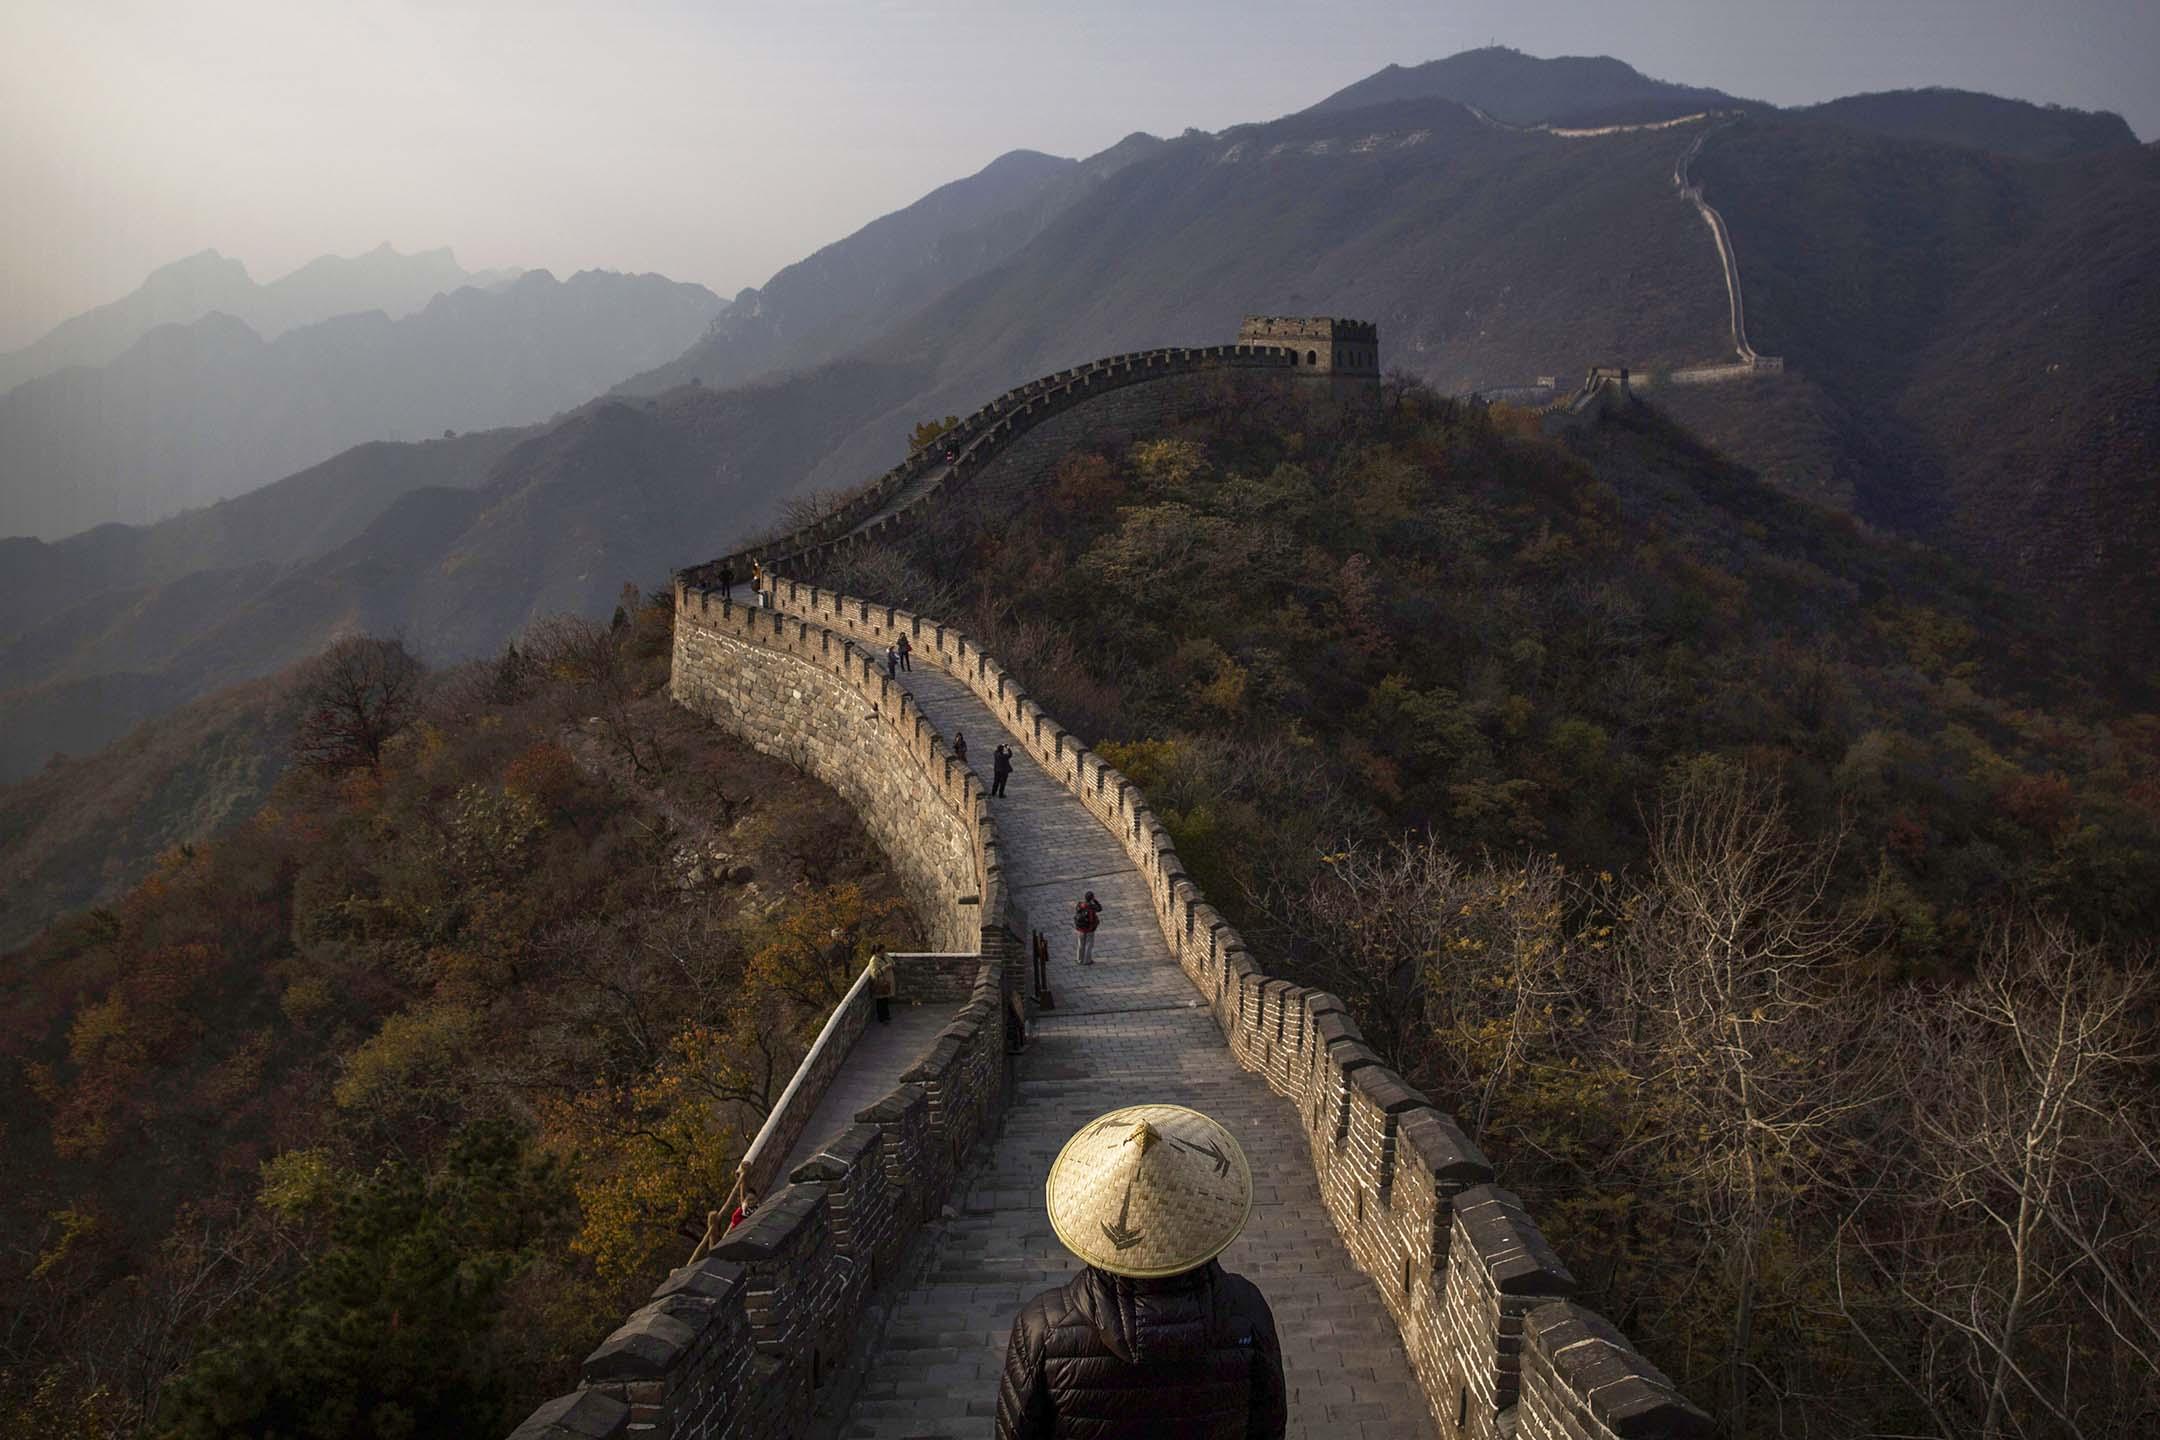 2014年10月28日北京,遊客在萬里長城的一段上行走。